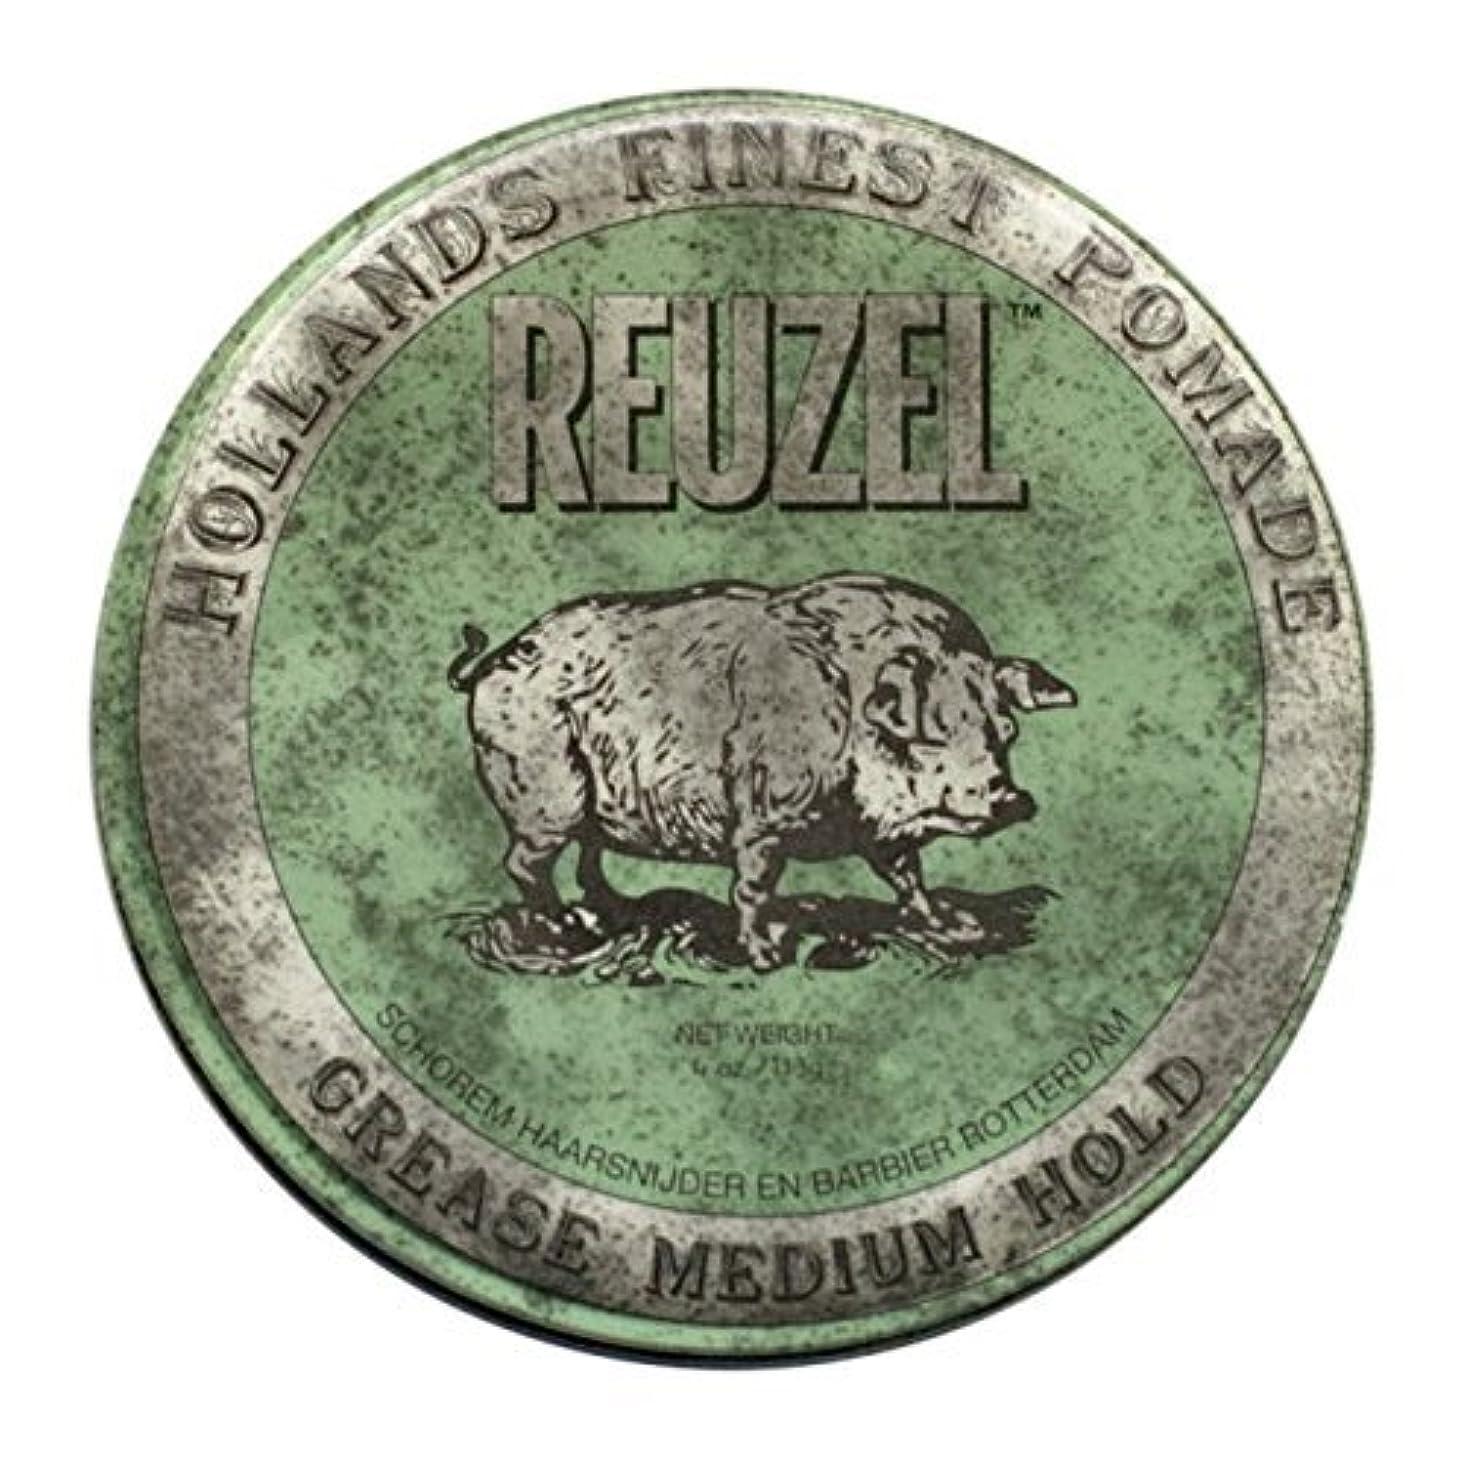 ジャグリングまばたき民間人REUZEL Grease Hold Hair Styling Pomade Piglet Wax/Gel, Medium, Green, 1.3 oz, 35g [並行輸入品]